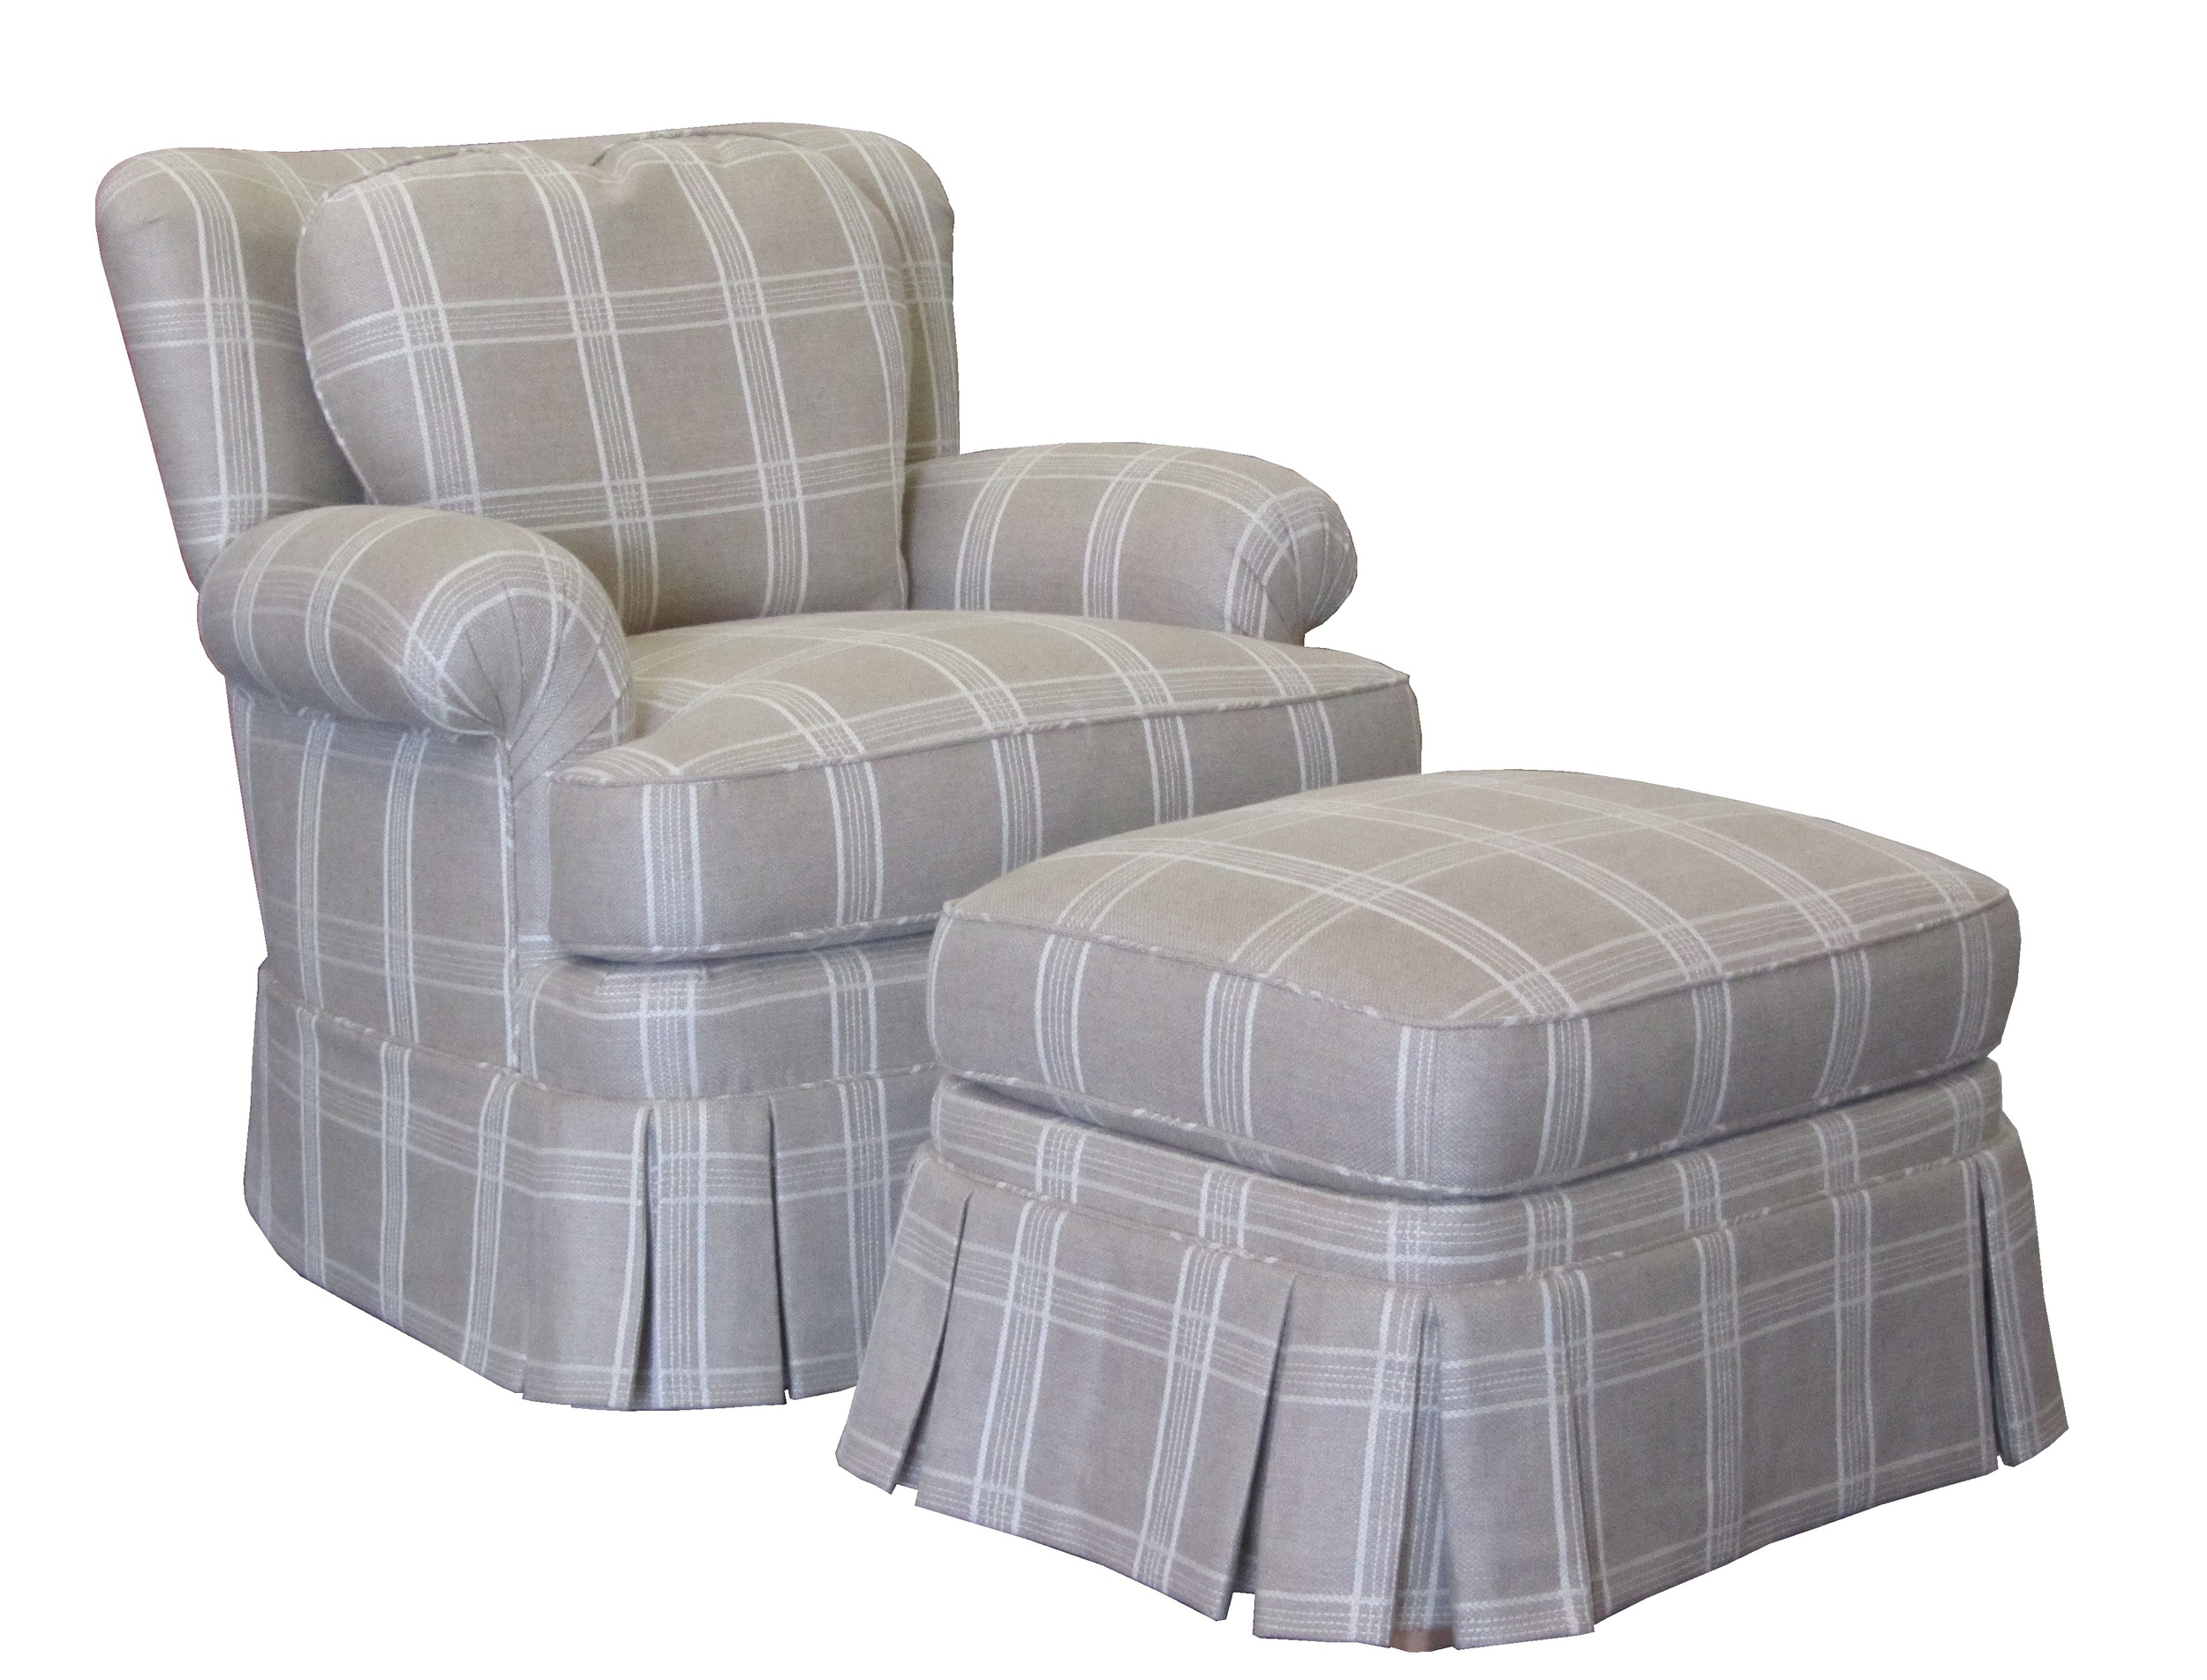 520 lounge chair